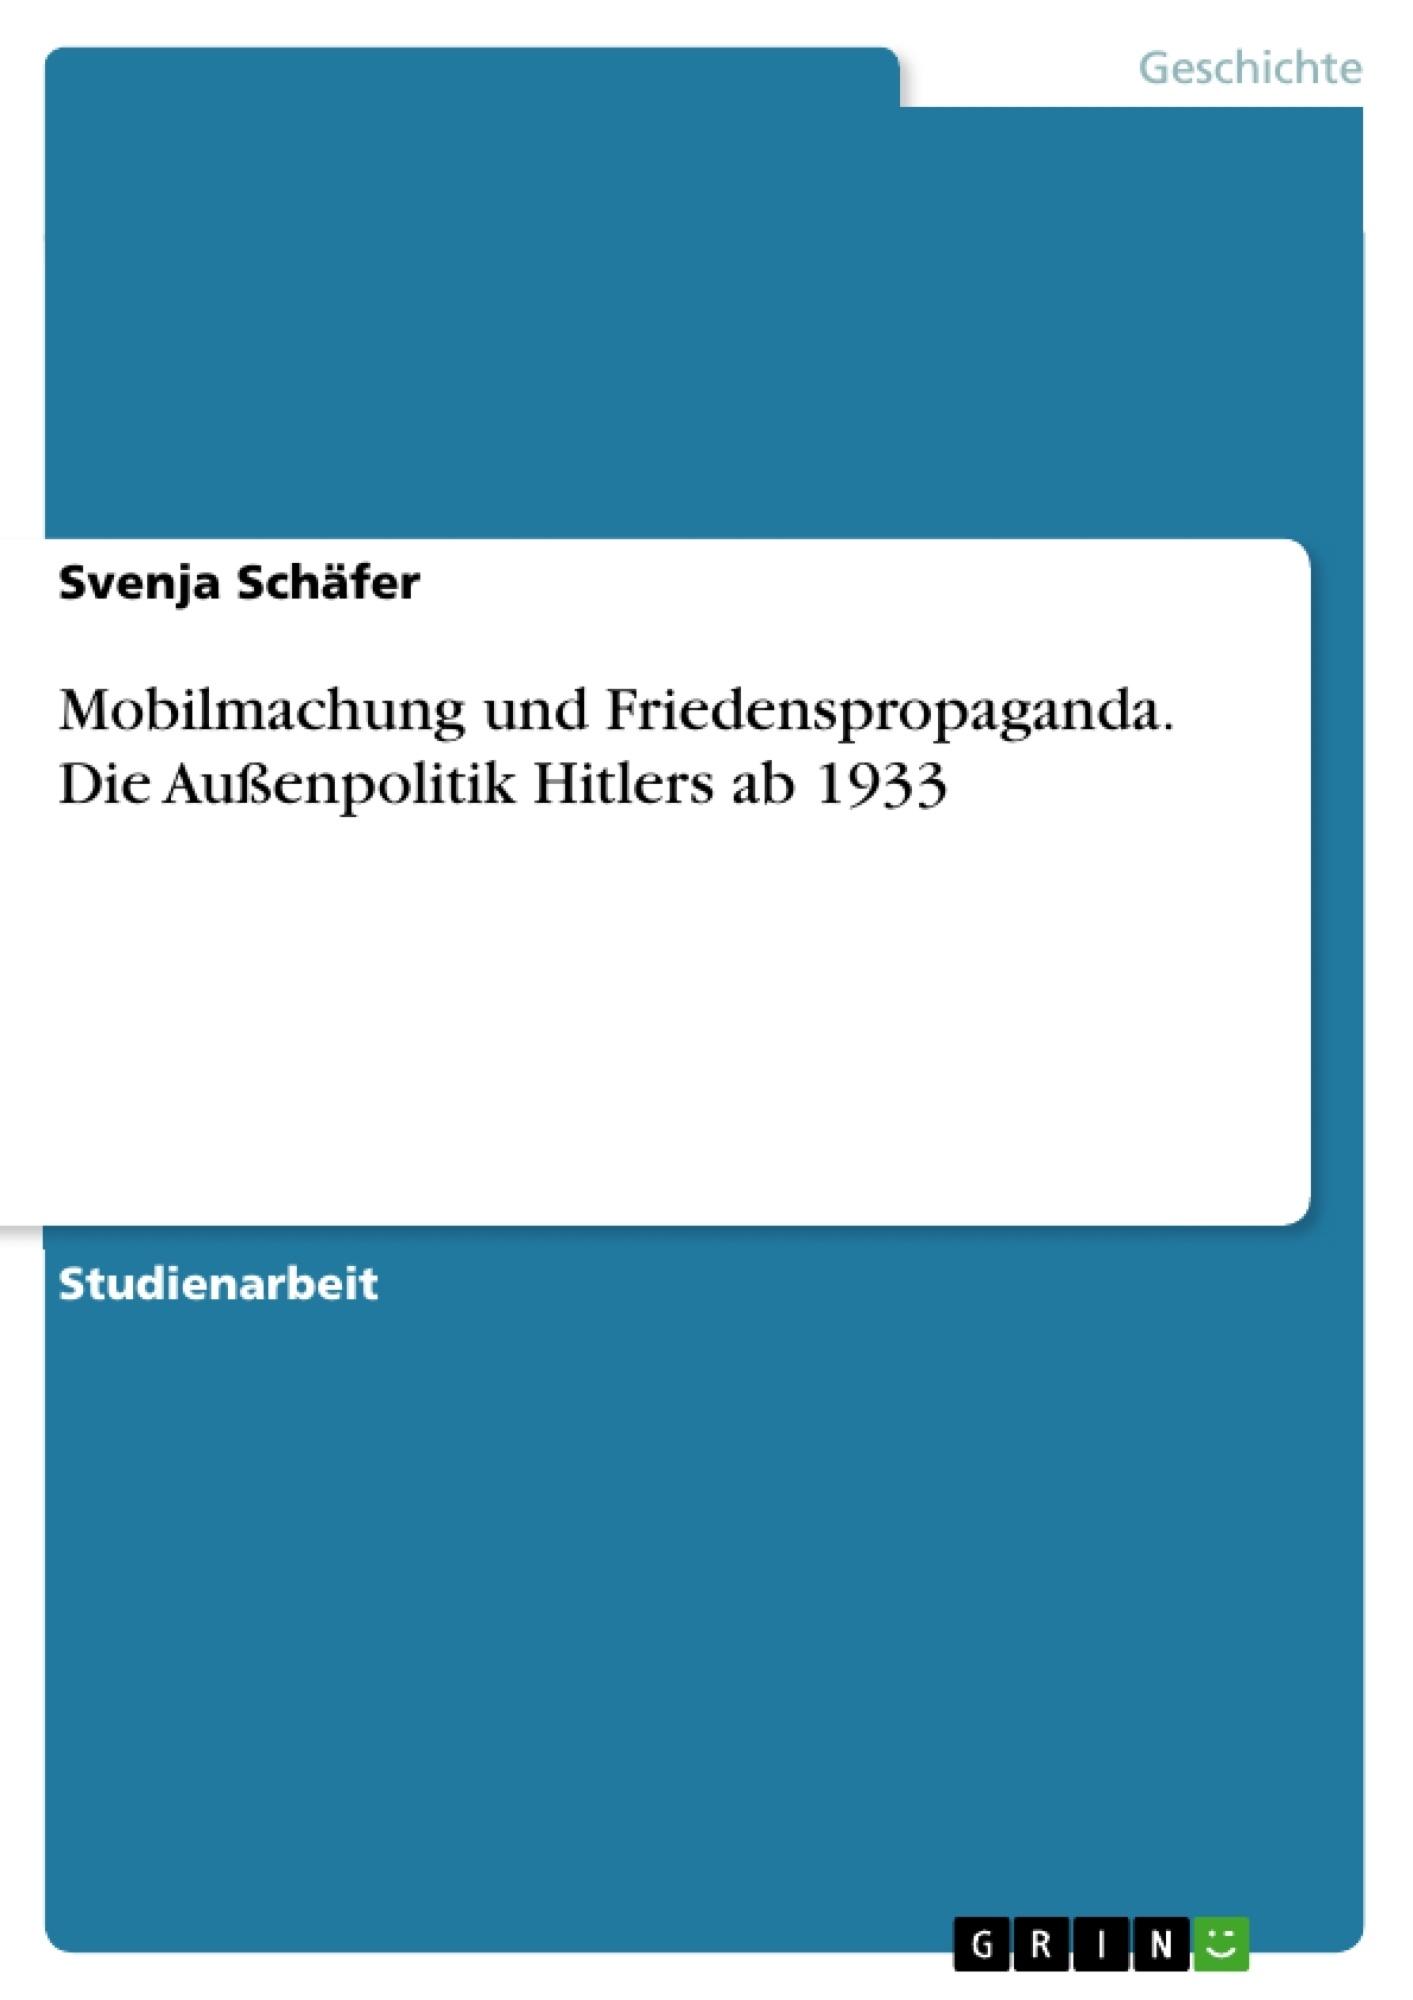 Titel: Mobilmachung und Friedenspropaganda. Die Außenpolitik Hitlers ab 1933